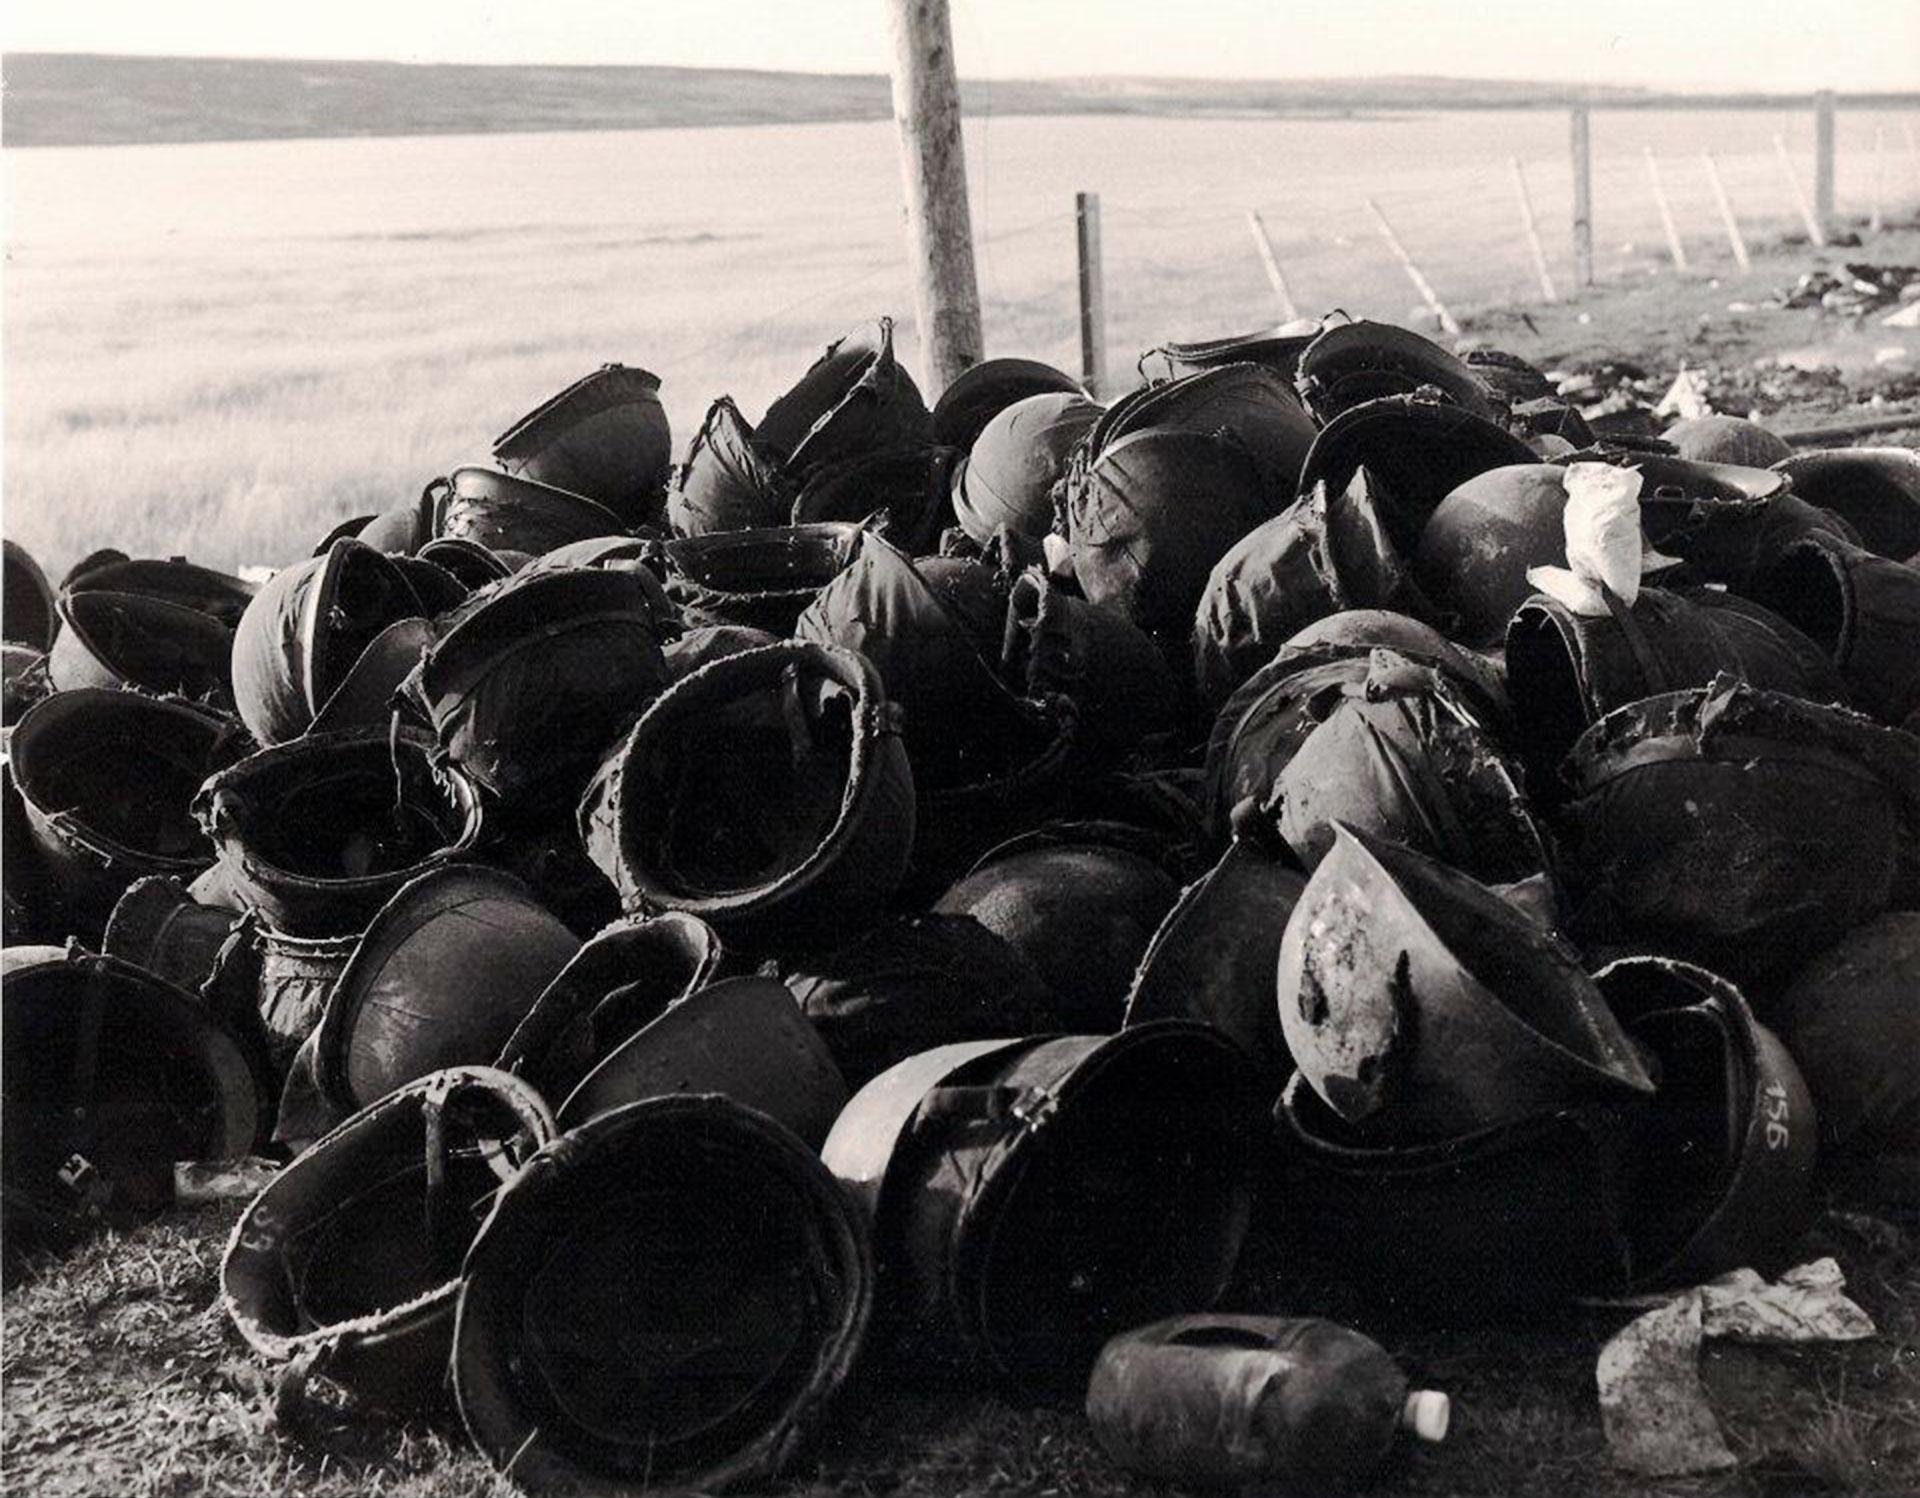 En los días finales muchos soldados, aislados o en grupos, armados y desarmados, confluían en Puerto Argentino. Estaban separados de sus unidades y abatidos luego de enfrentar tremendos combates